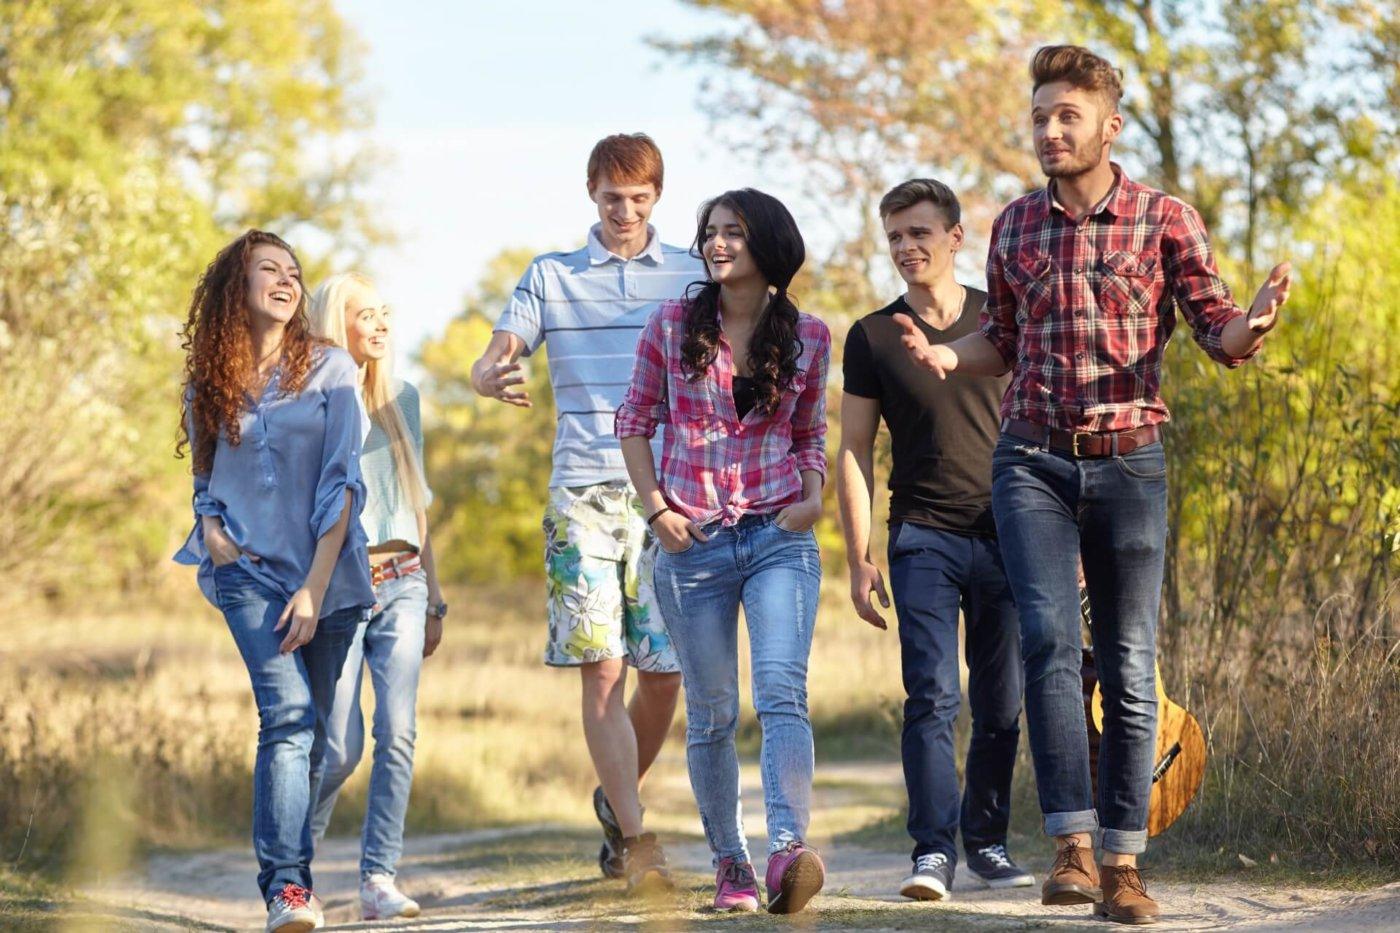 高校生がクラス会を開催するのにおすすめの場所5選